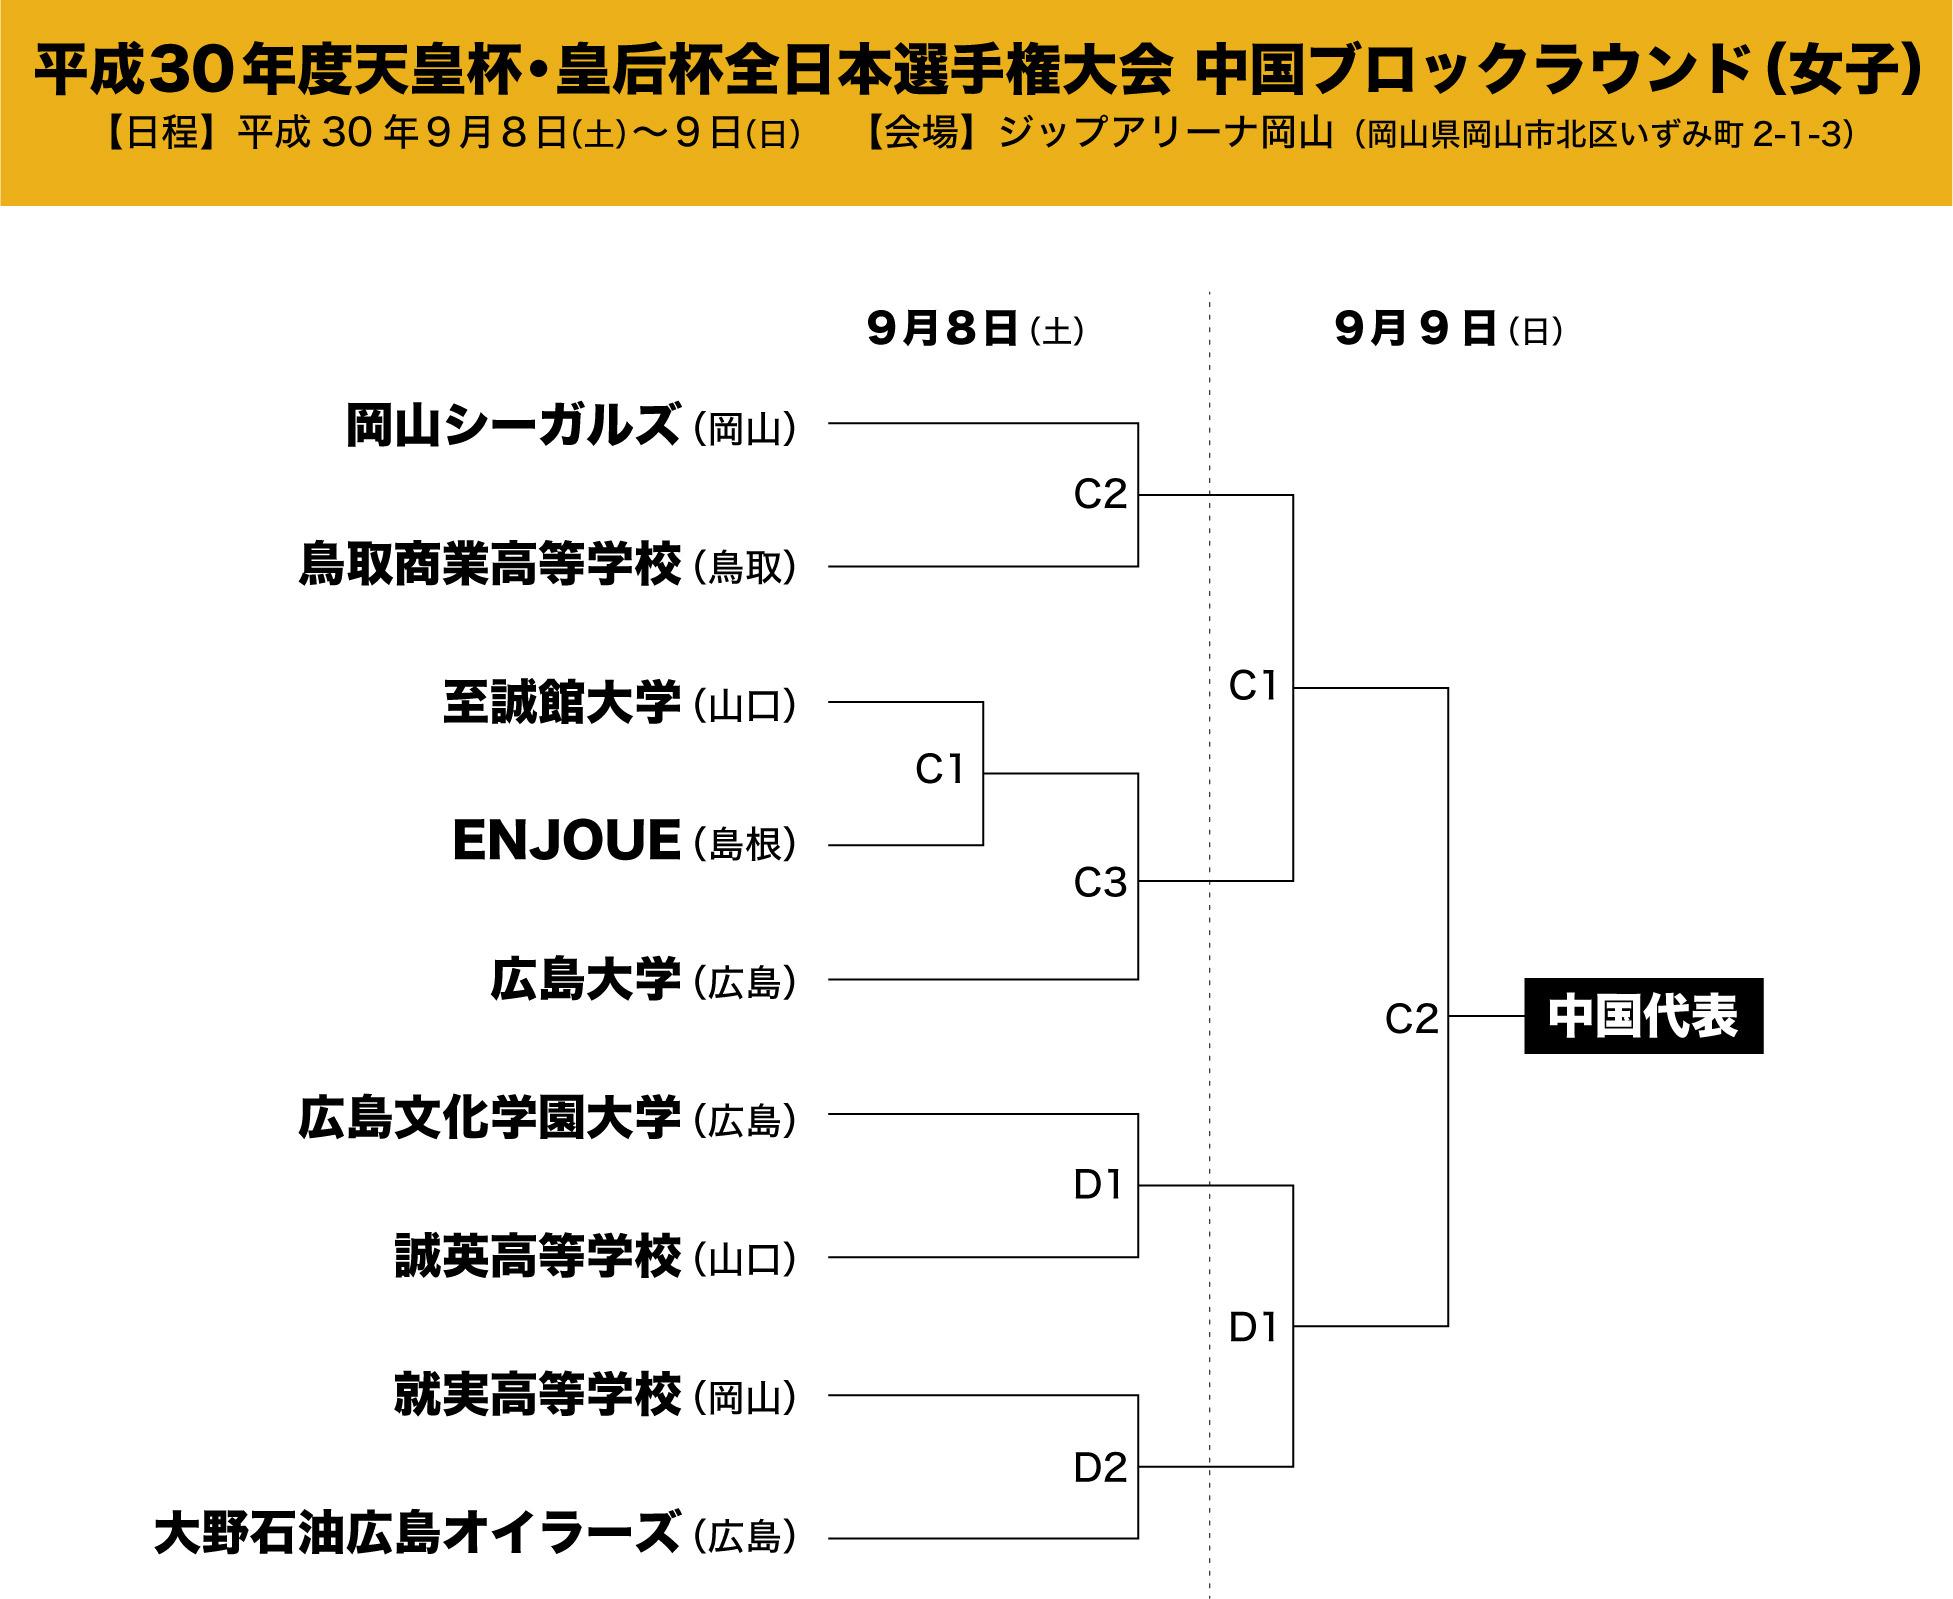 20180906皇后杯中国ブロックラウンドトーナメント表.jpg